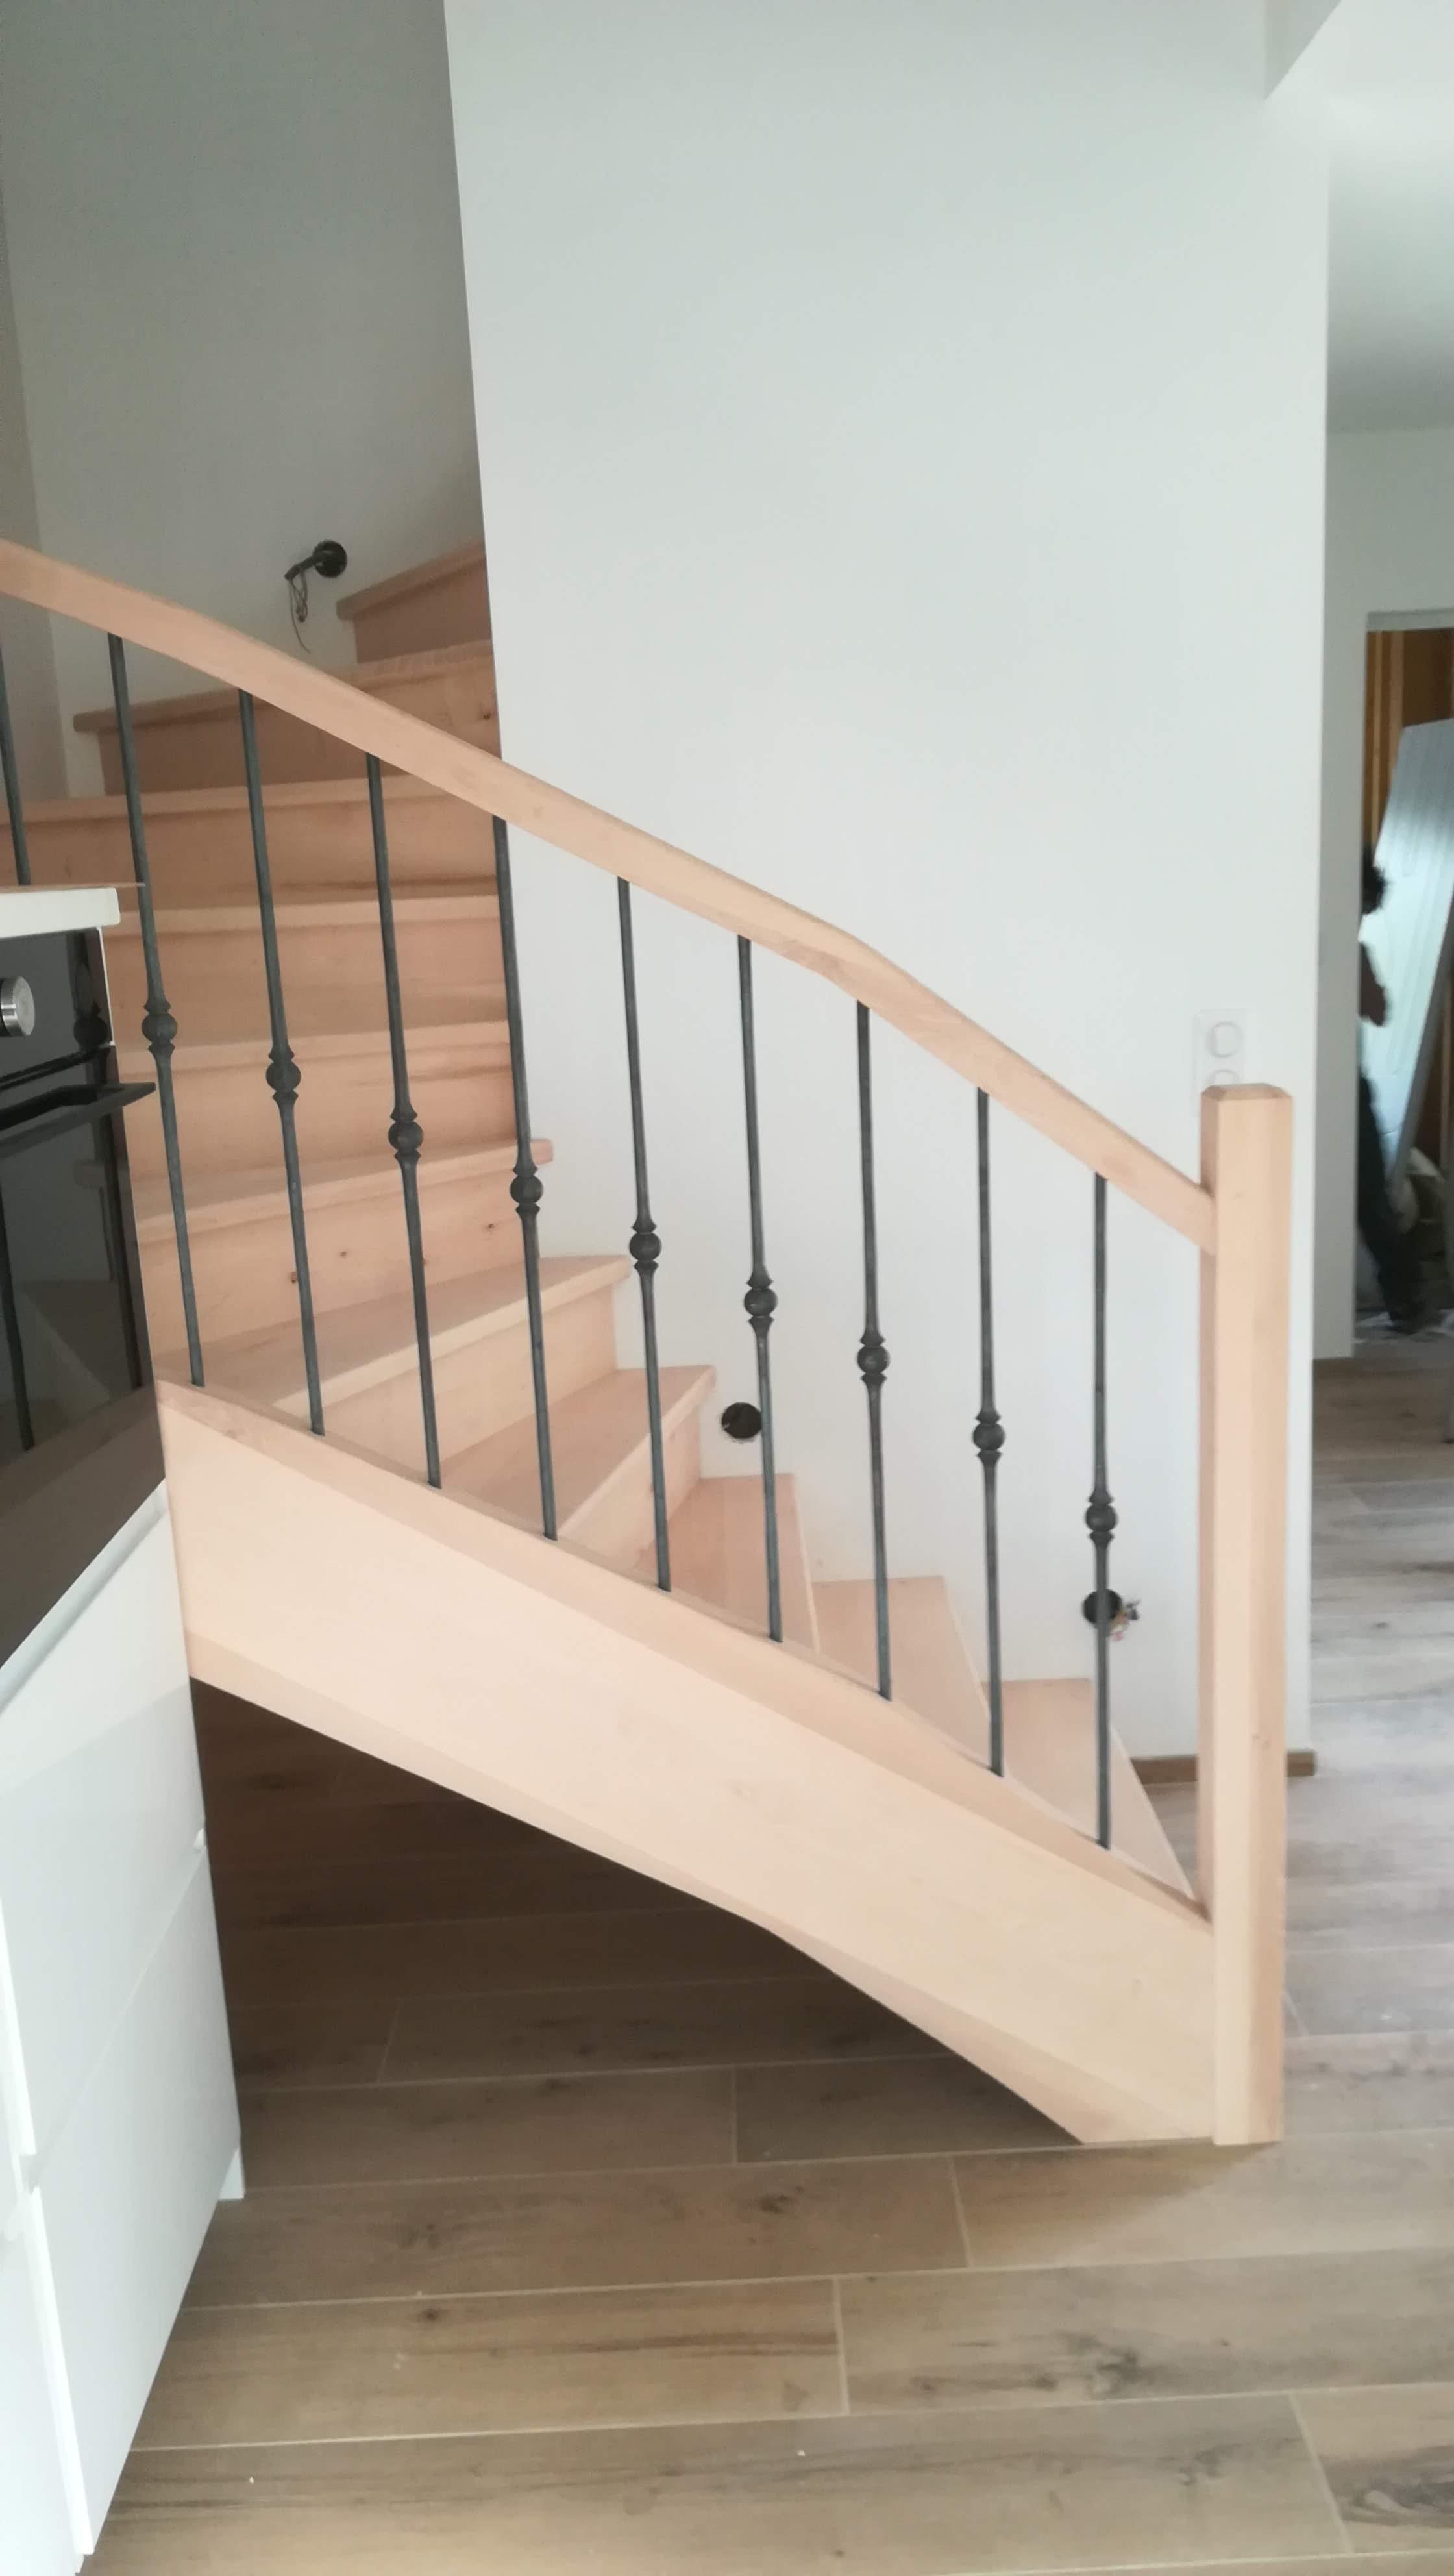 Fabrication et pose d'un escalier en hêtre 2/4 tournant par absolubois menuiserie